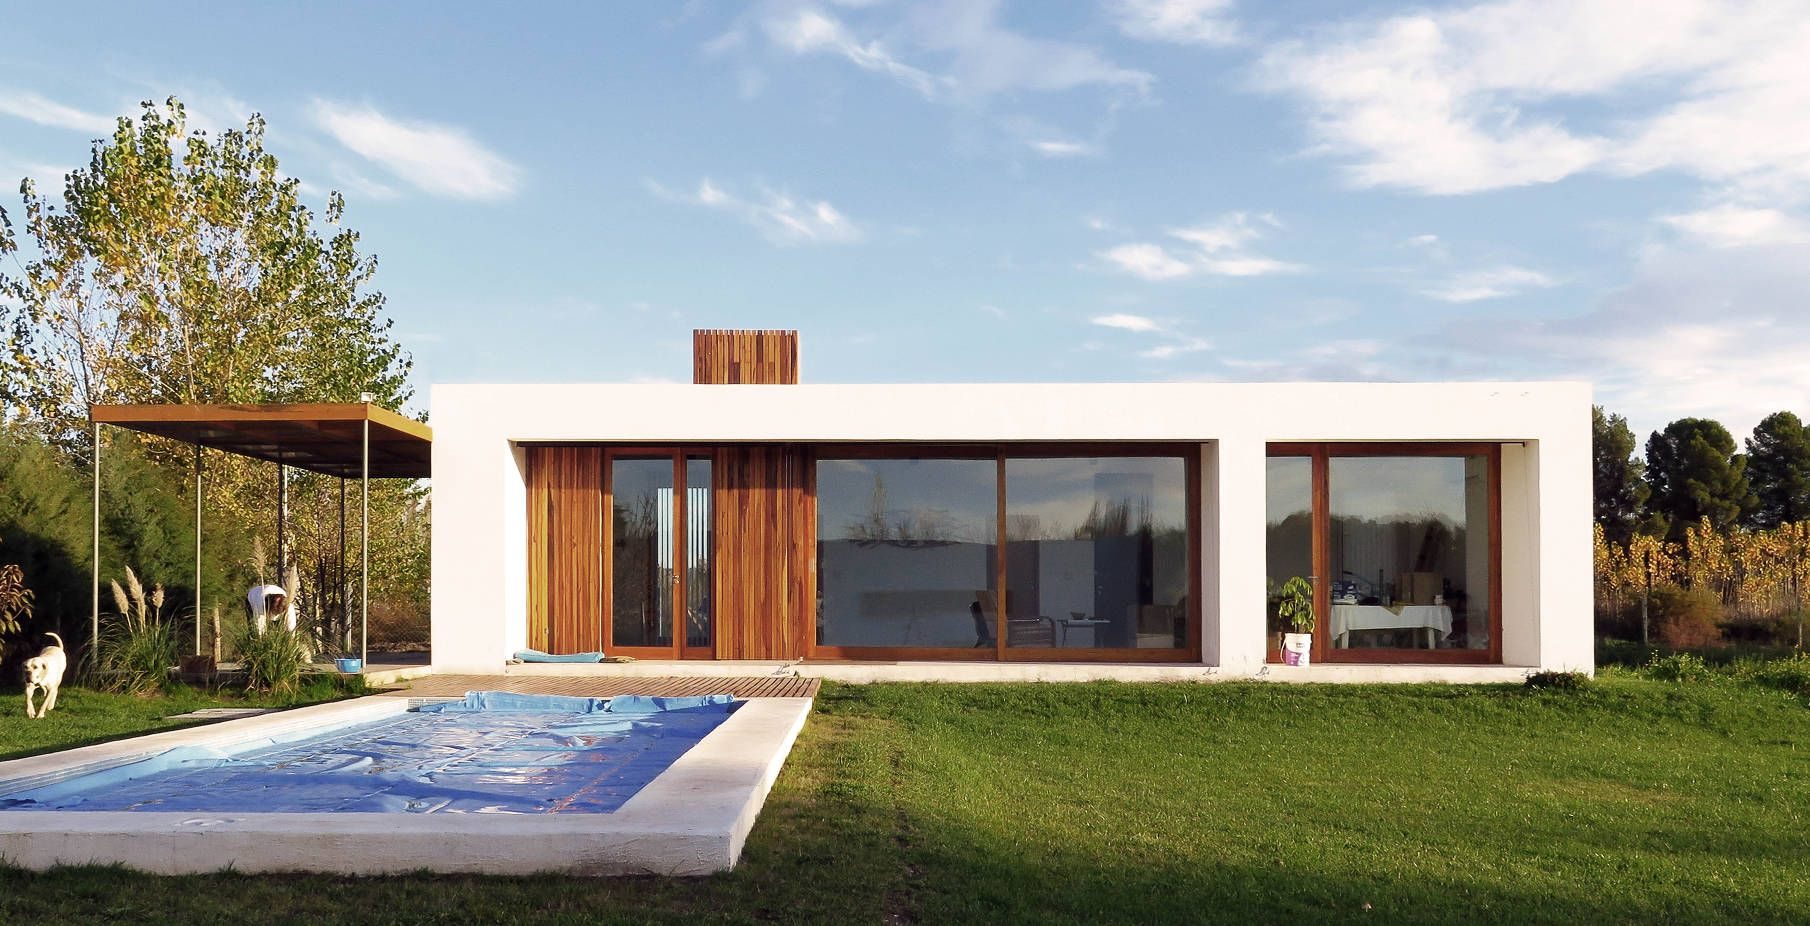 casa zaneijo framarquitectos stuco material white color